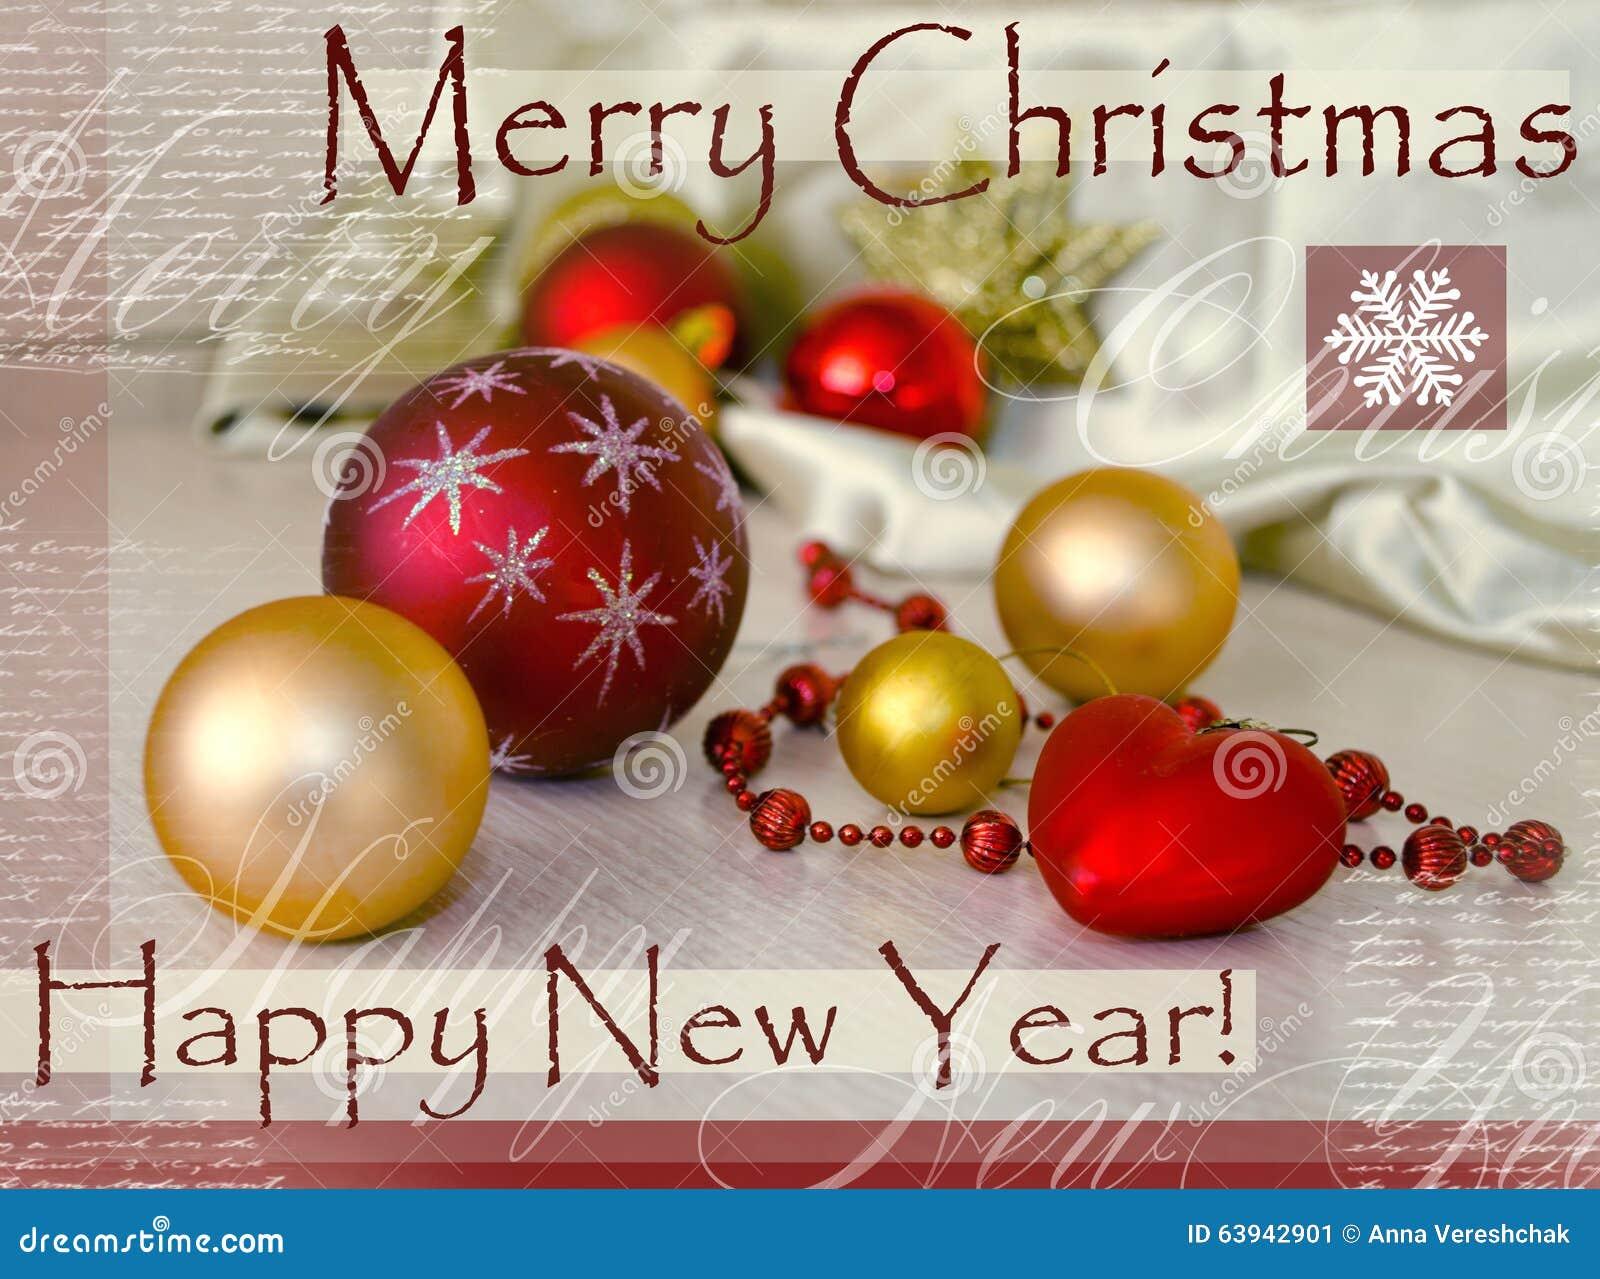 Carte Bonne Fete Noel.Carte De Fete De Joyeux Noel Et De Bonne Annee Avec La